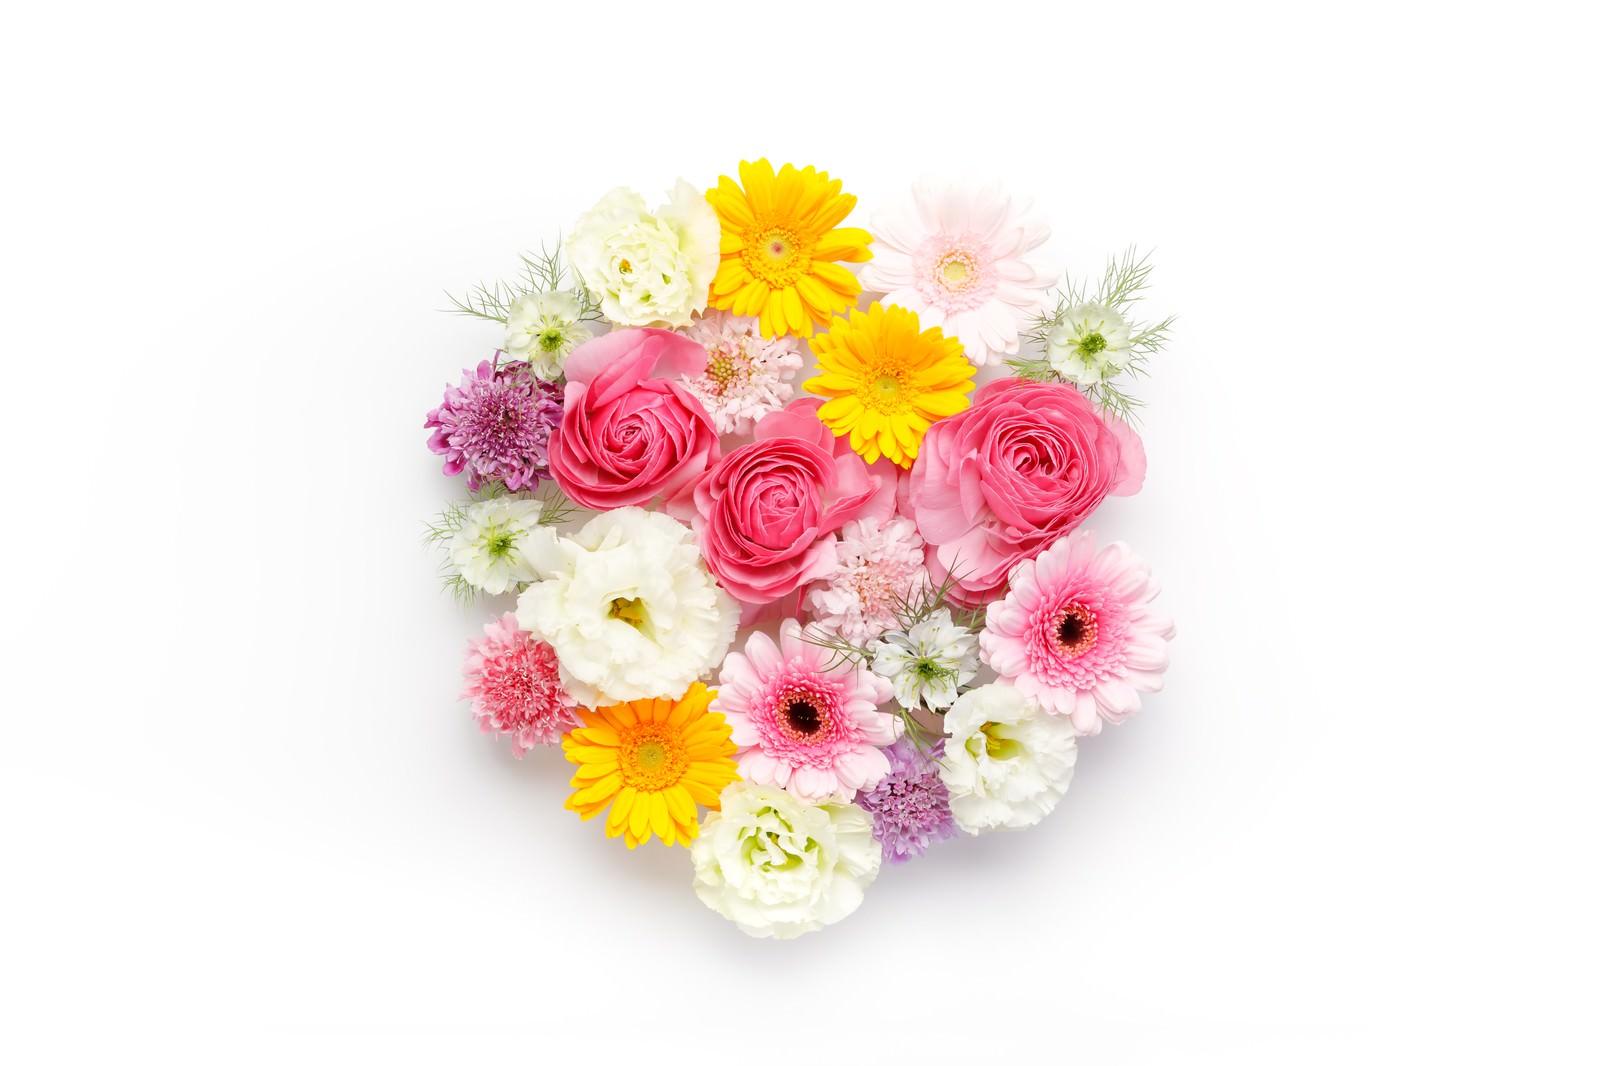 「お花のラウンド」の写真